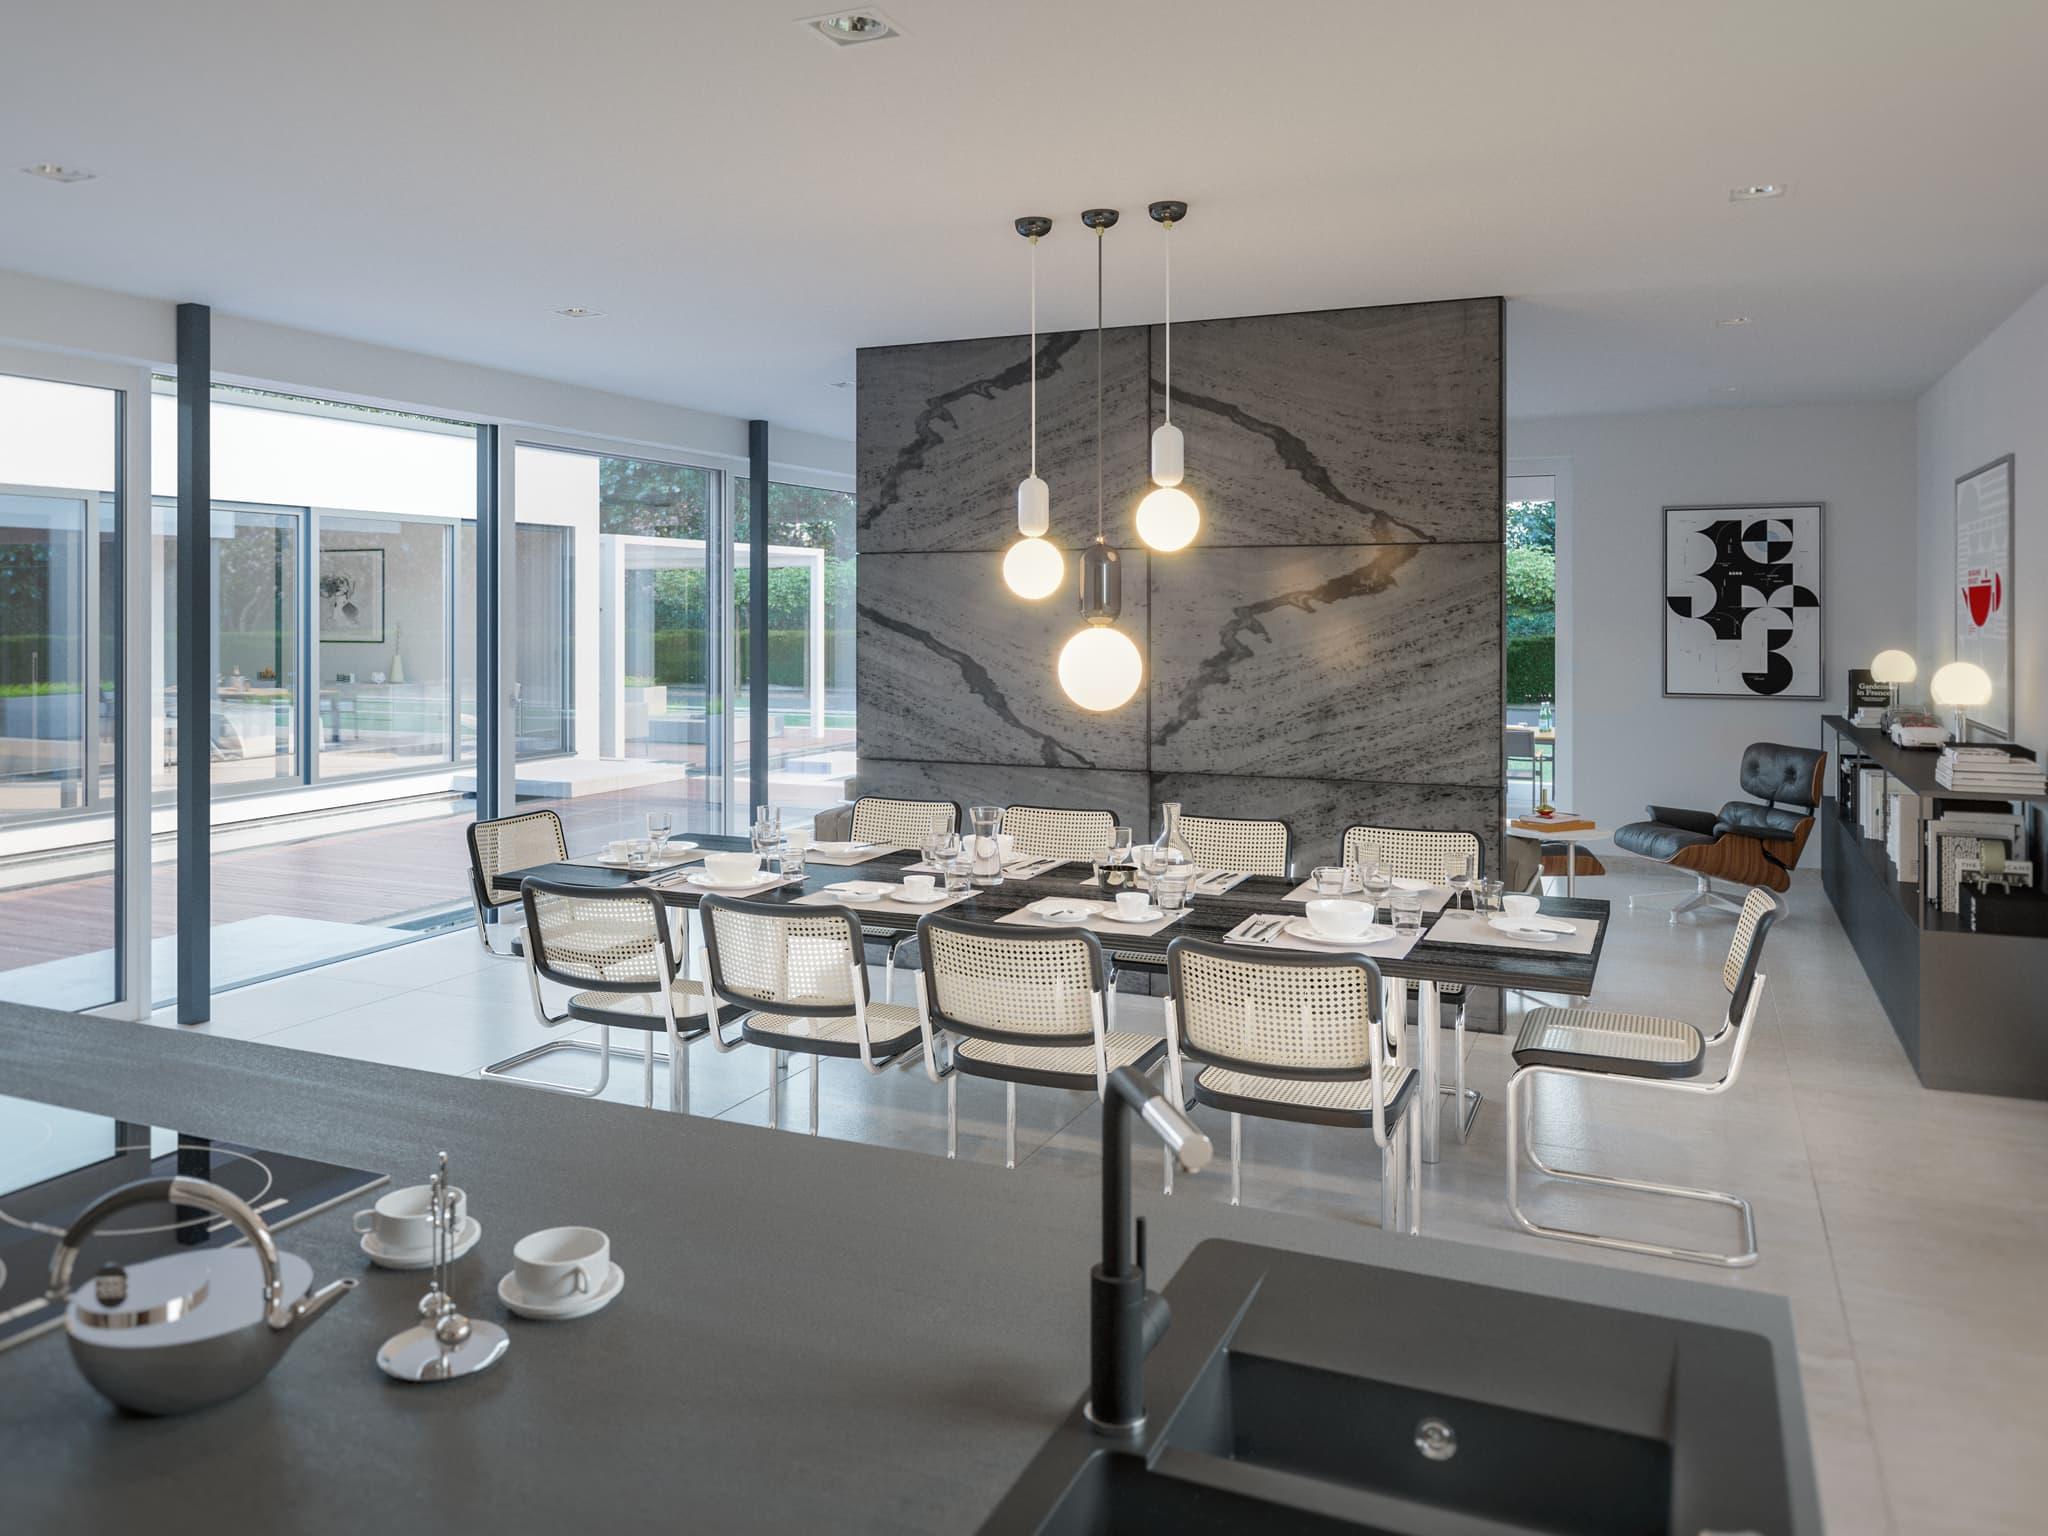 Inneneinrichtung Ideen Esstisch Wohnzimmer Fertighaus Bungalow AMBIENCE 209 Bien Zenker Haus - HausbauDirekt.de